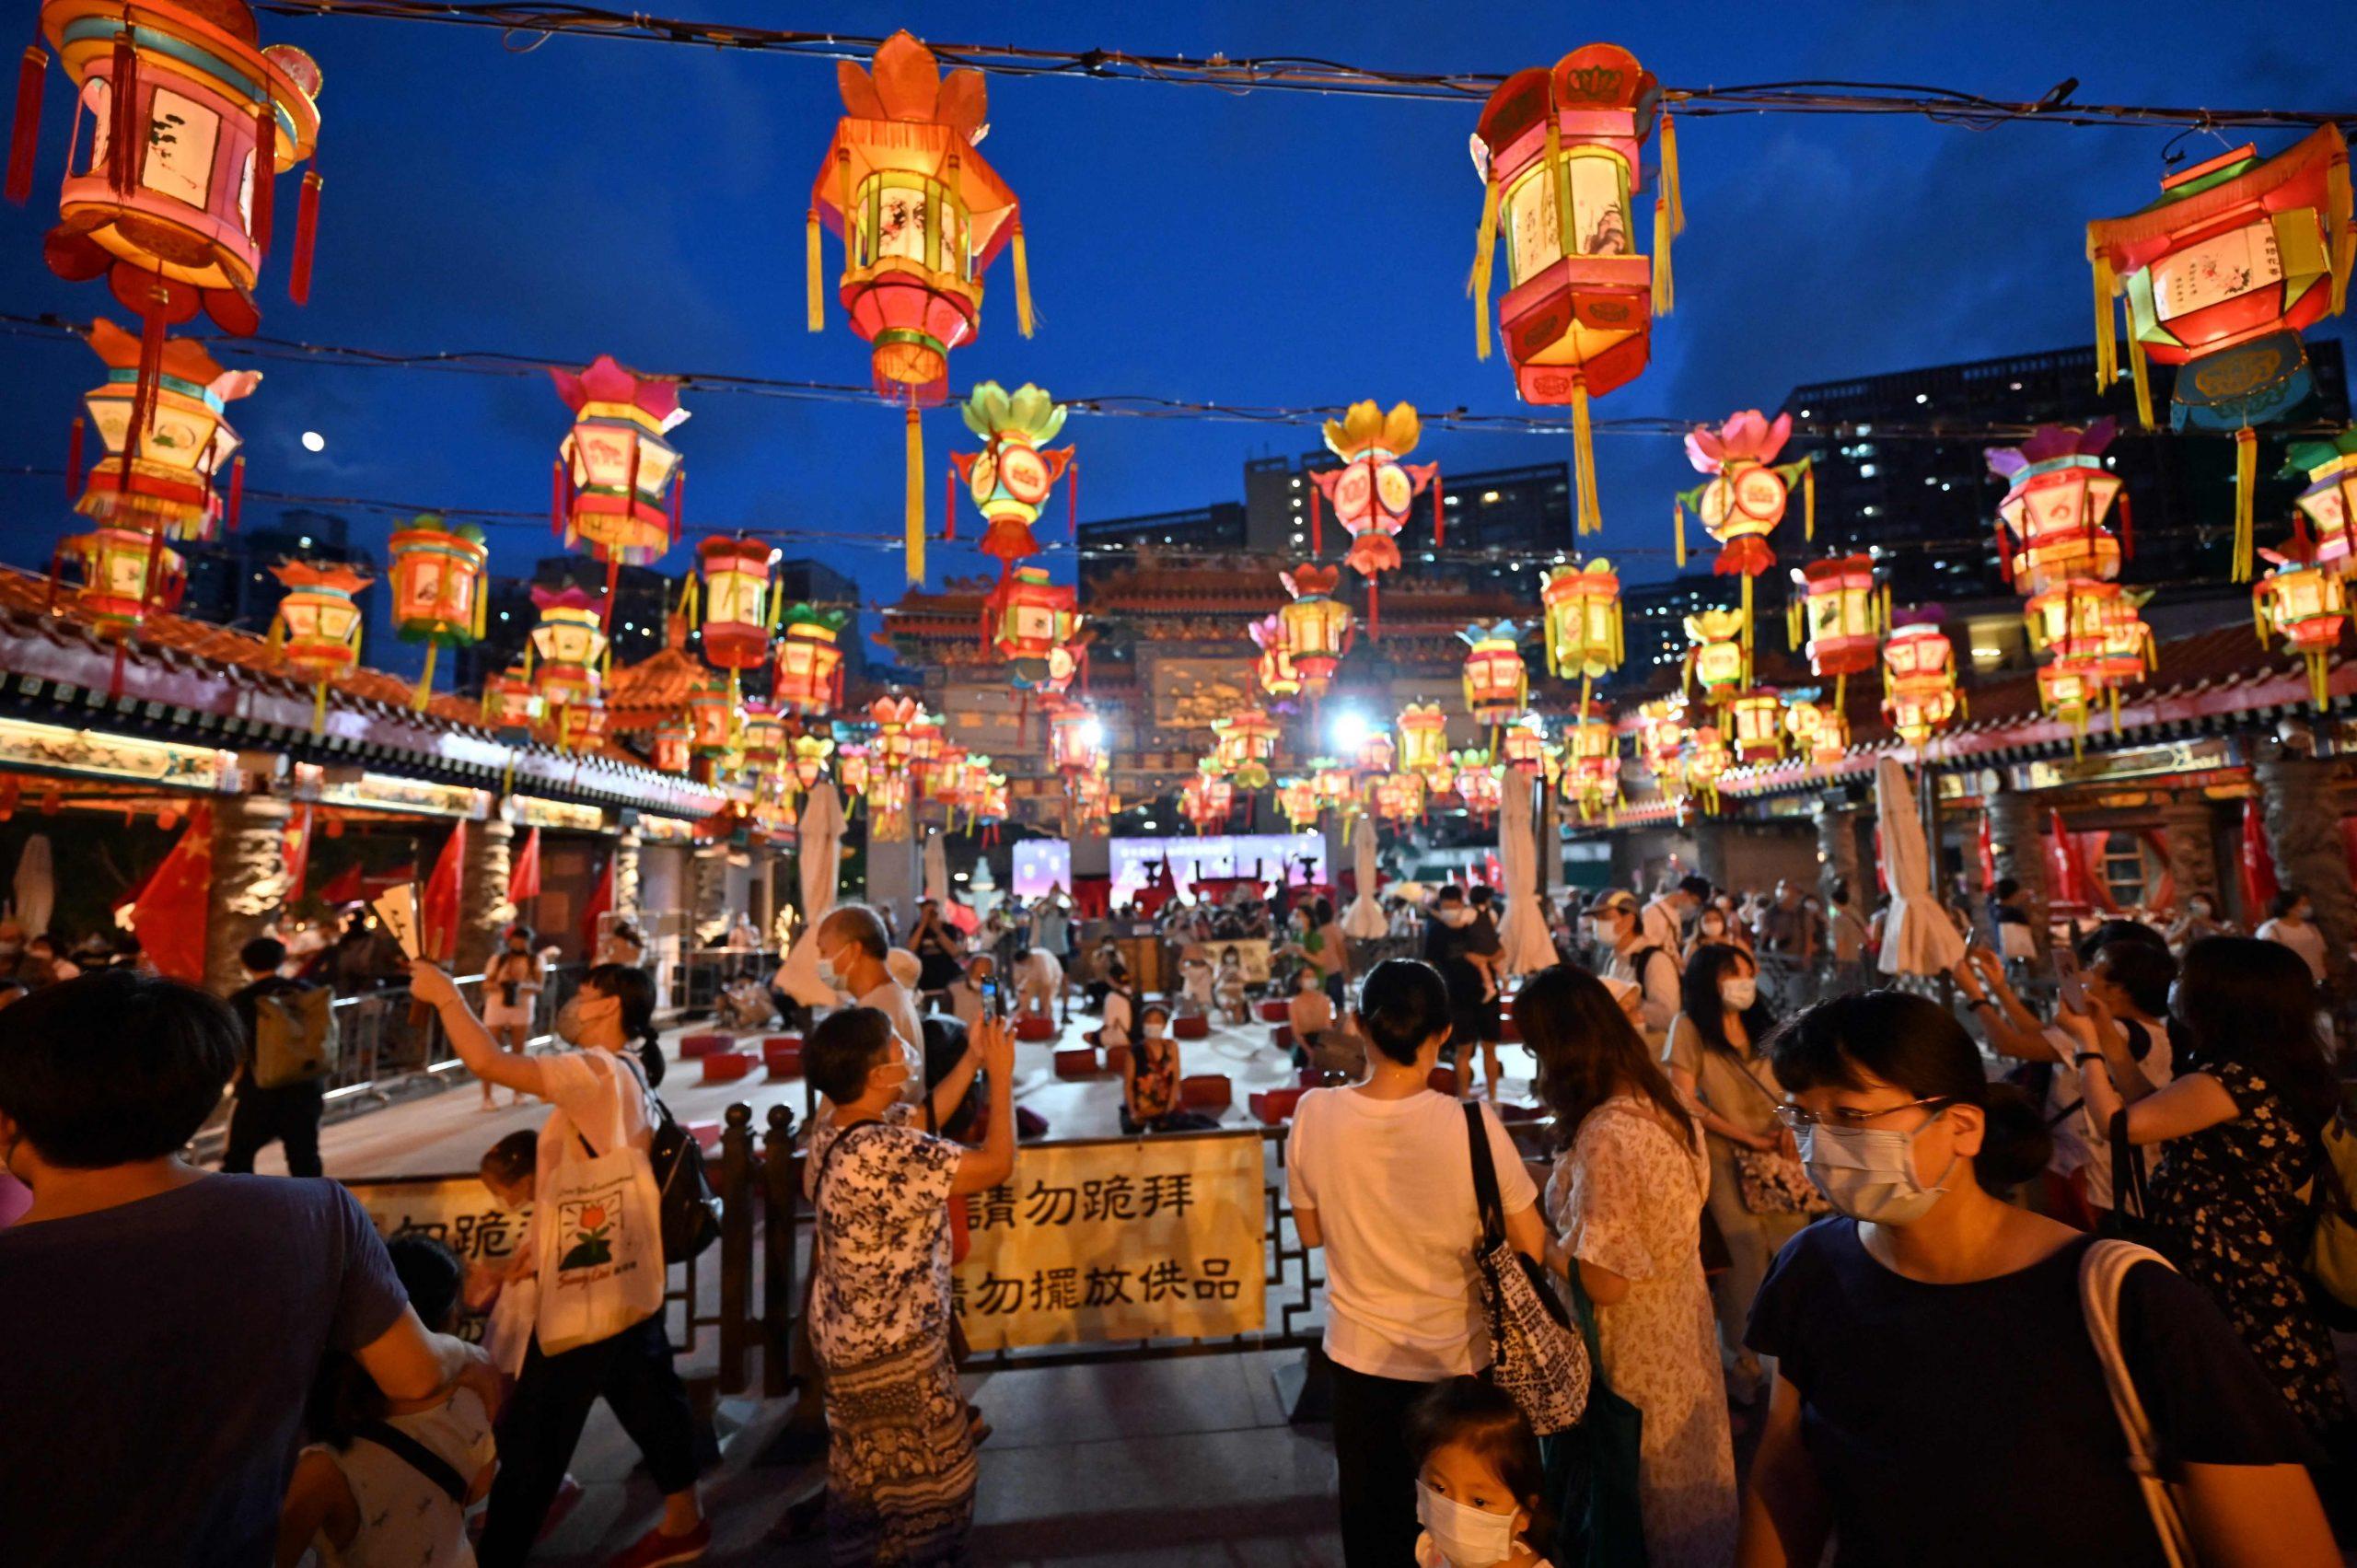 拚图三图)香港疫情稳定 恢复举办中秋灯会